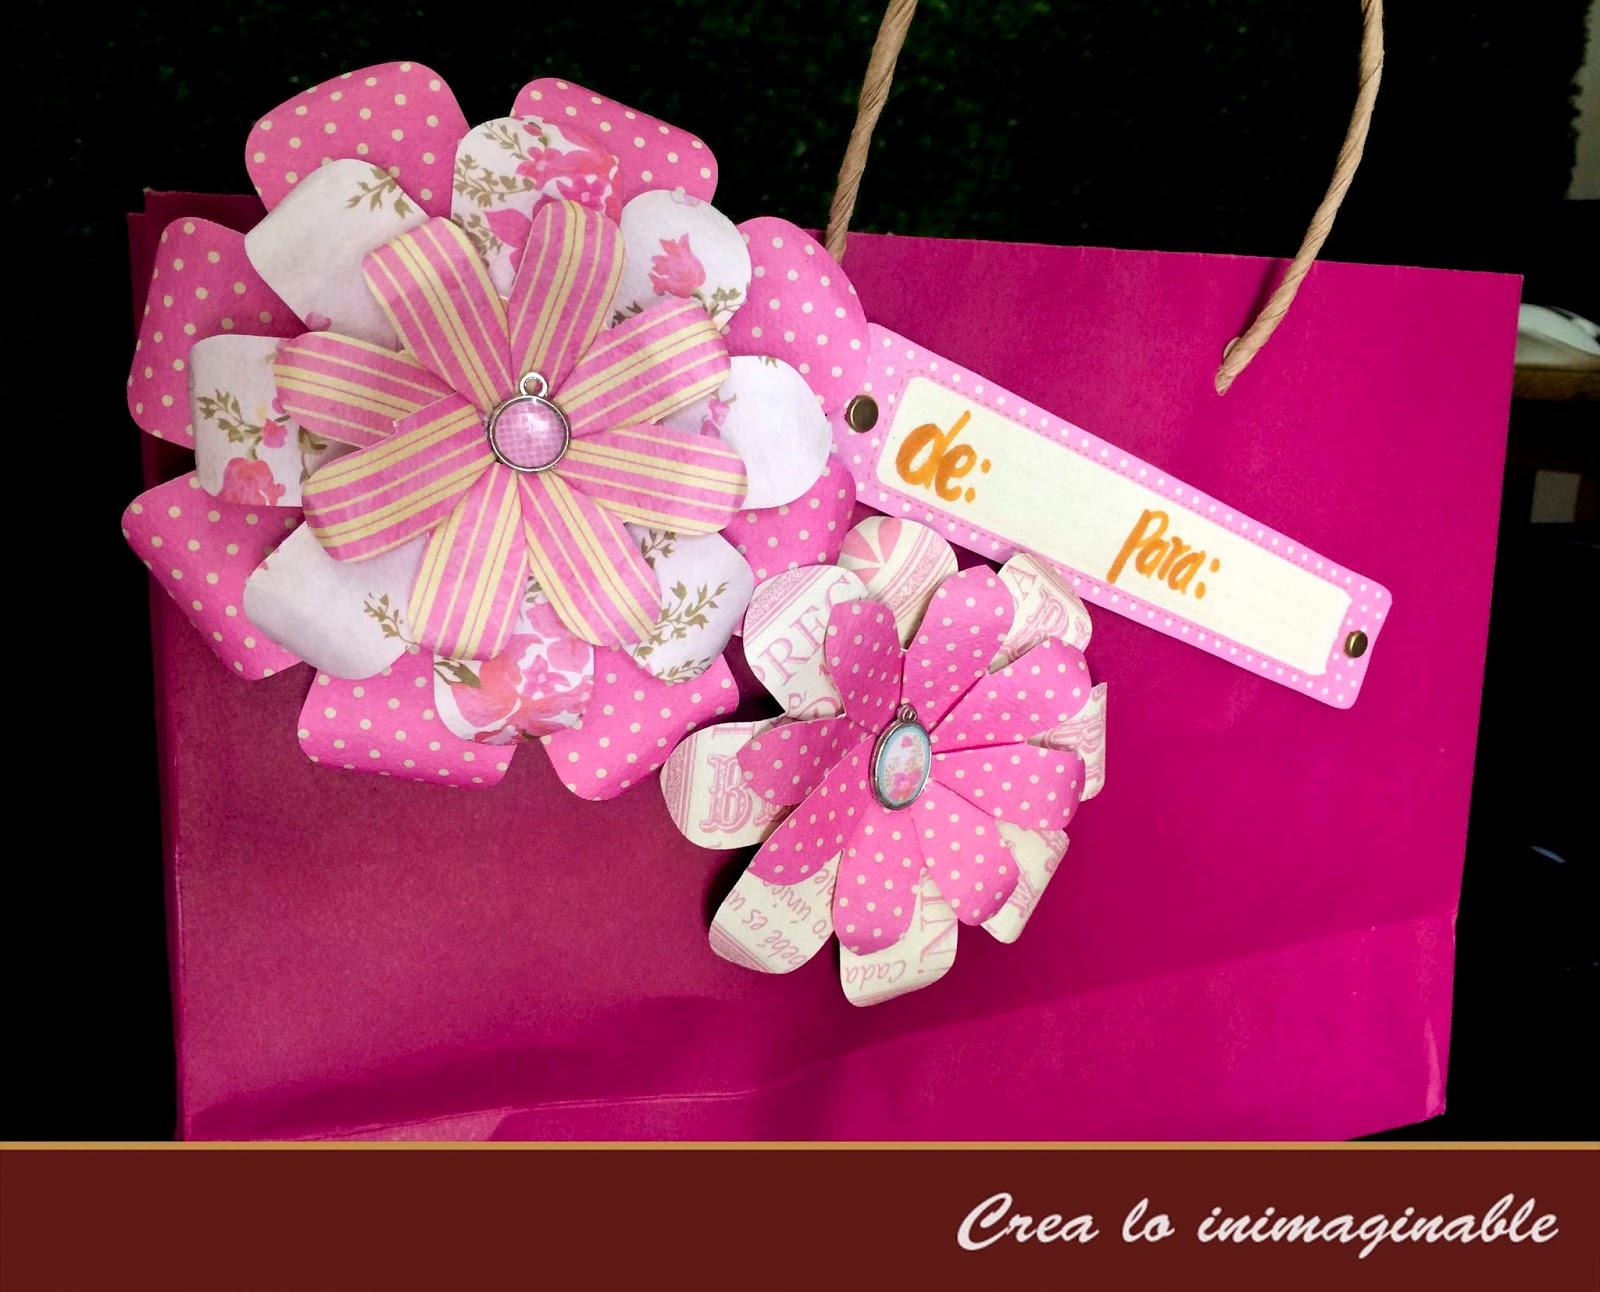 Crea lo inimaginable envoltura especial for Envolturas para regalos